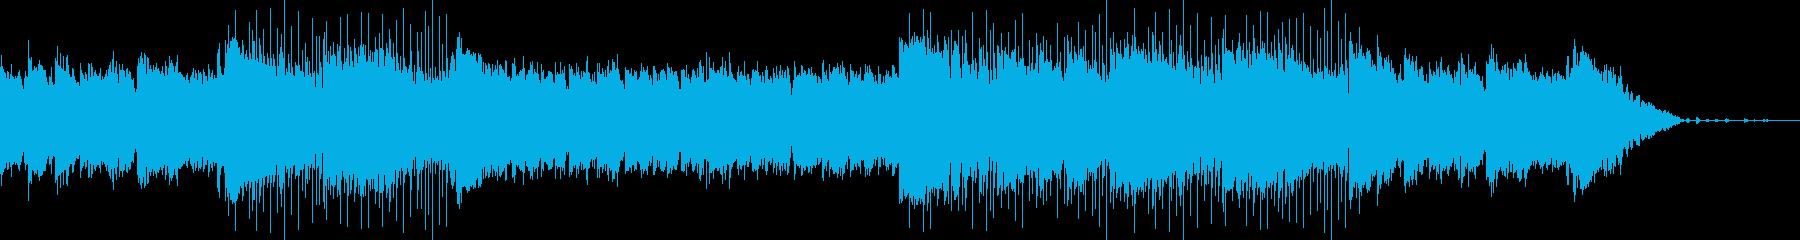 穏やかな生演奏アコギによるボサノバの再生済みの波形